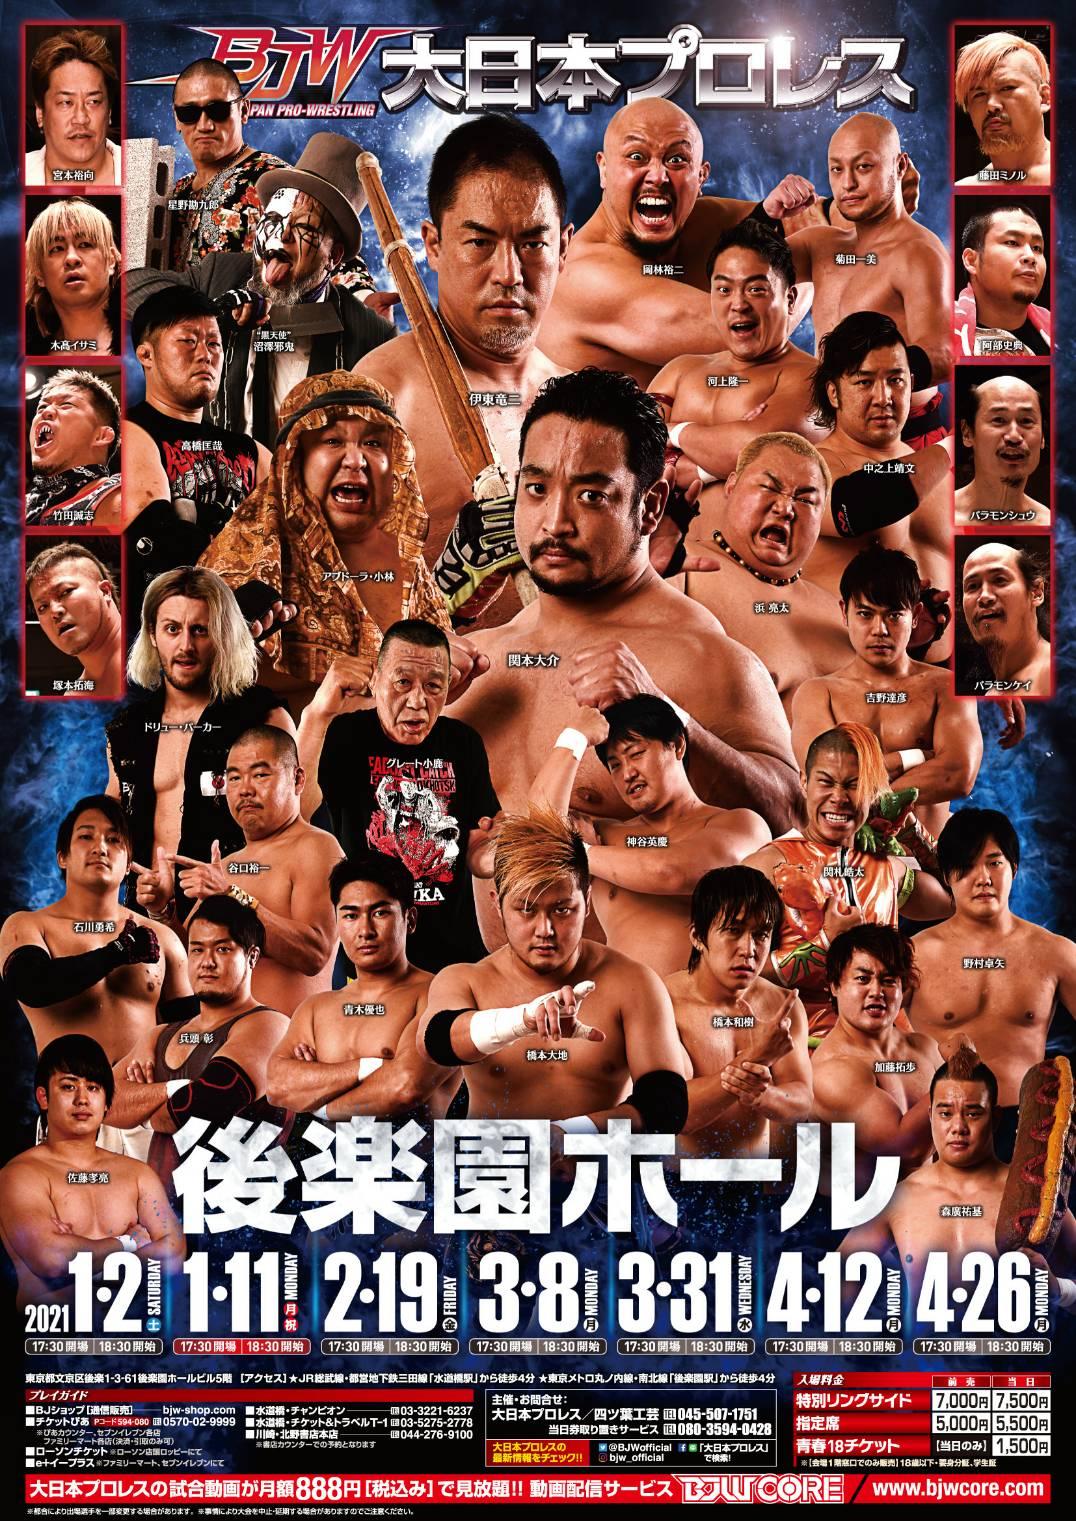 大日本プロレス2021年上半期ポスター